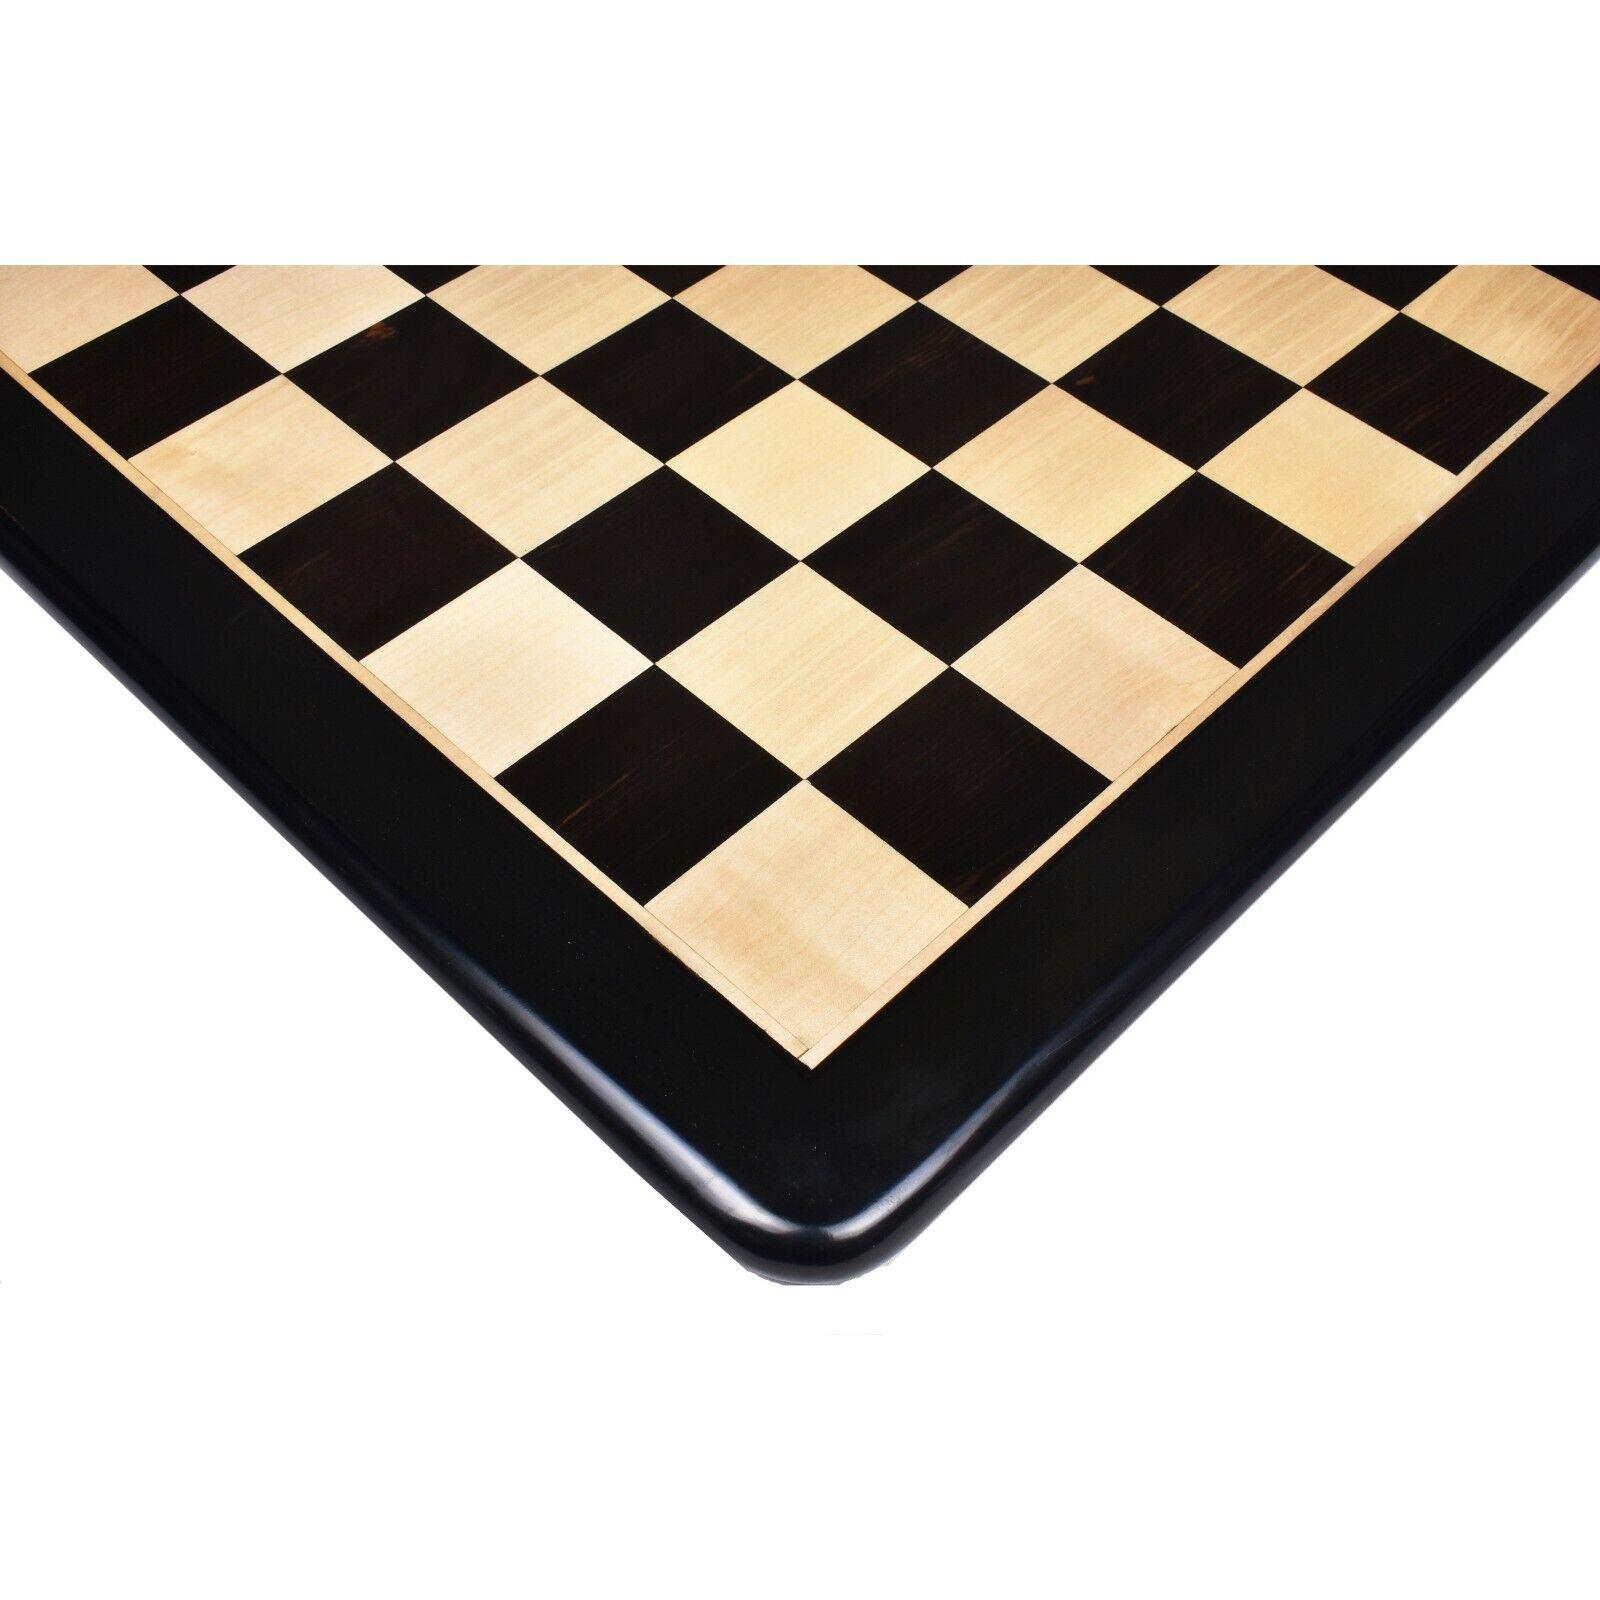 Légèrement imparfaites 21  Solid Ébène & Maple WOOD CHESS BOARD-carré de 55 mm